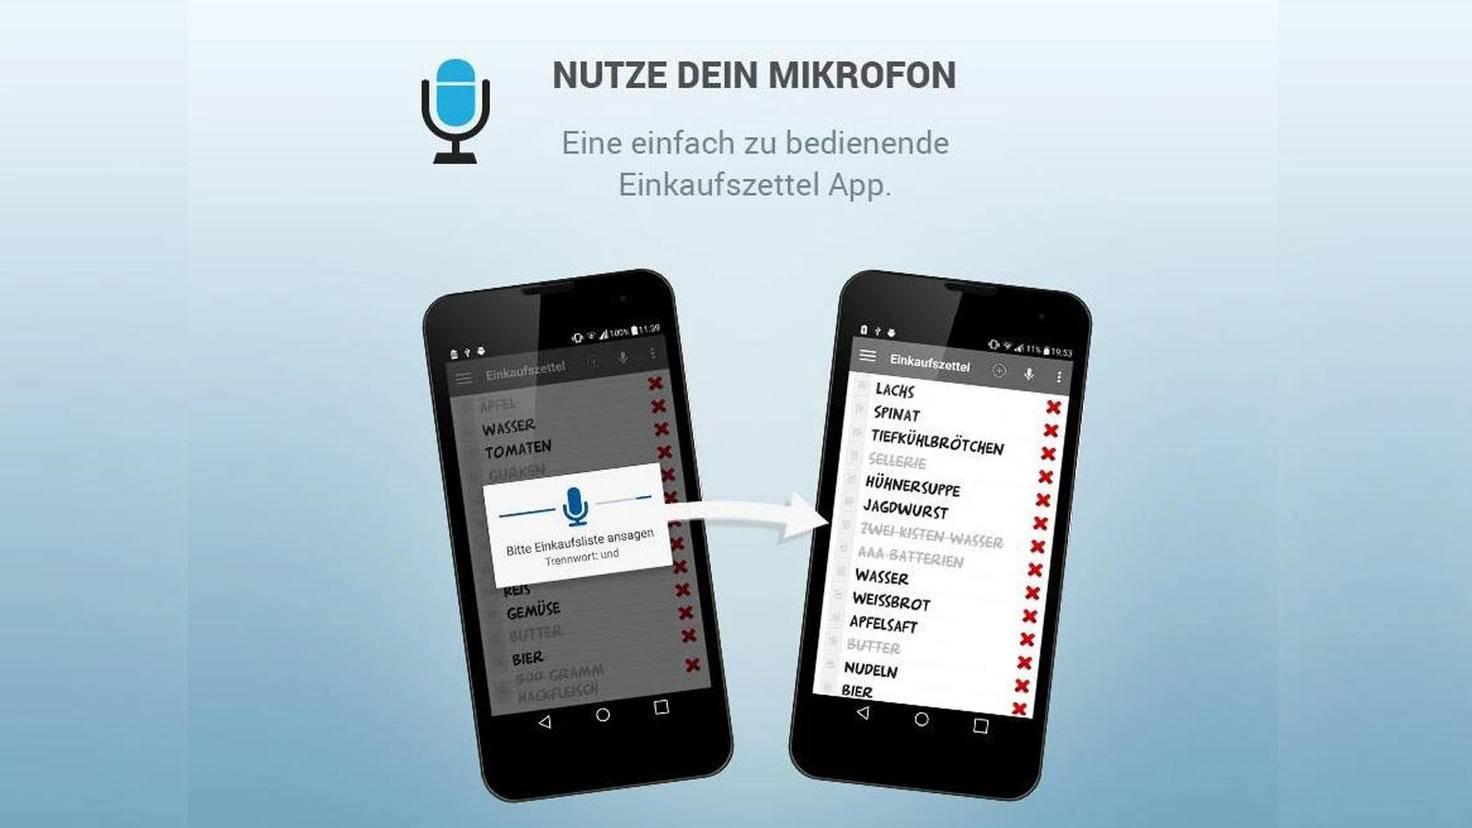 Einkaufszettel Spracheingabe-Google Play Store-TK Solution